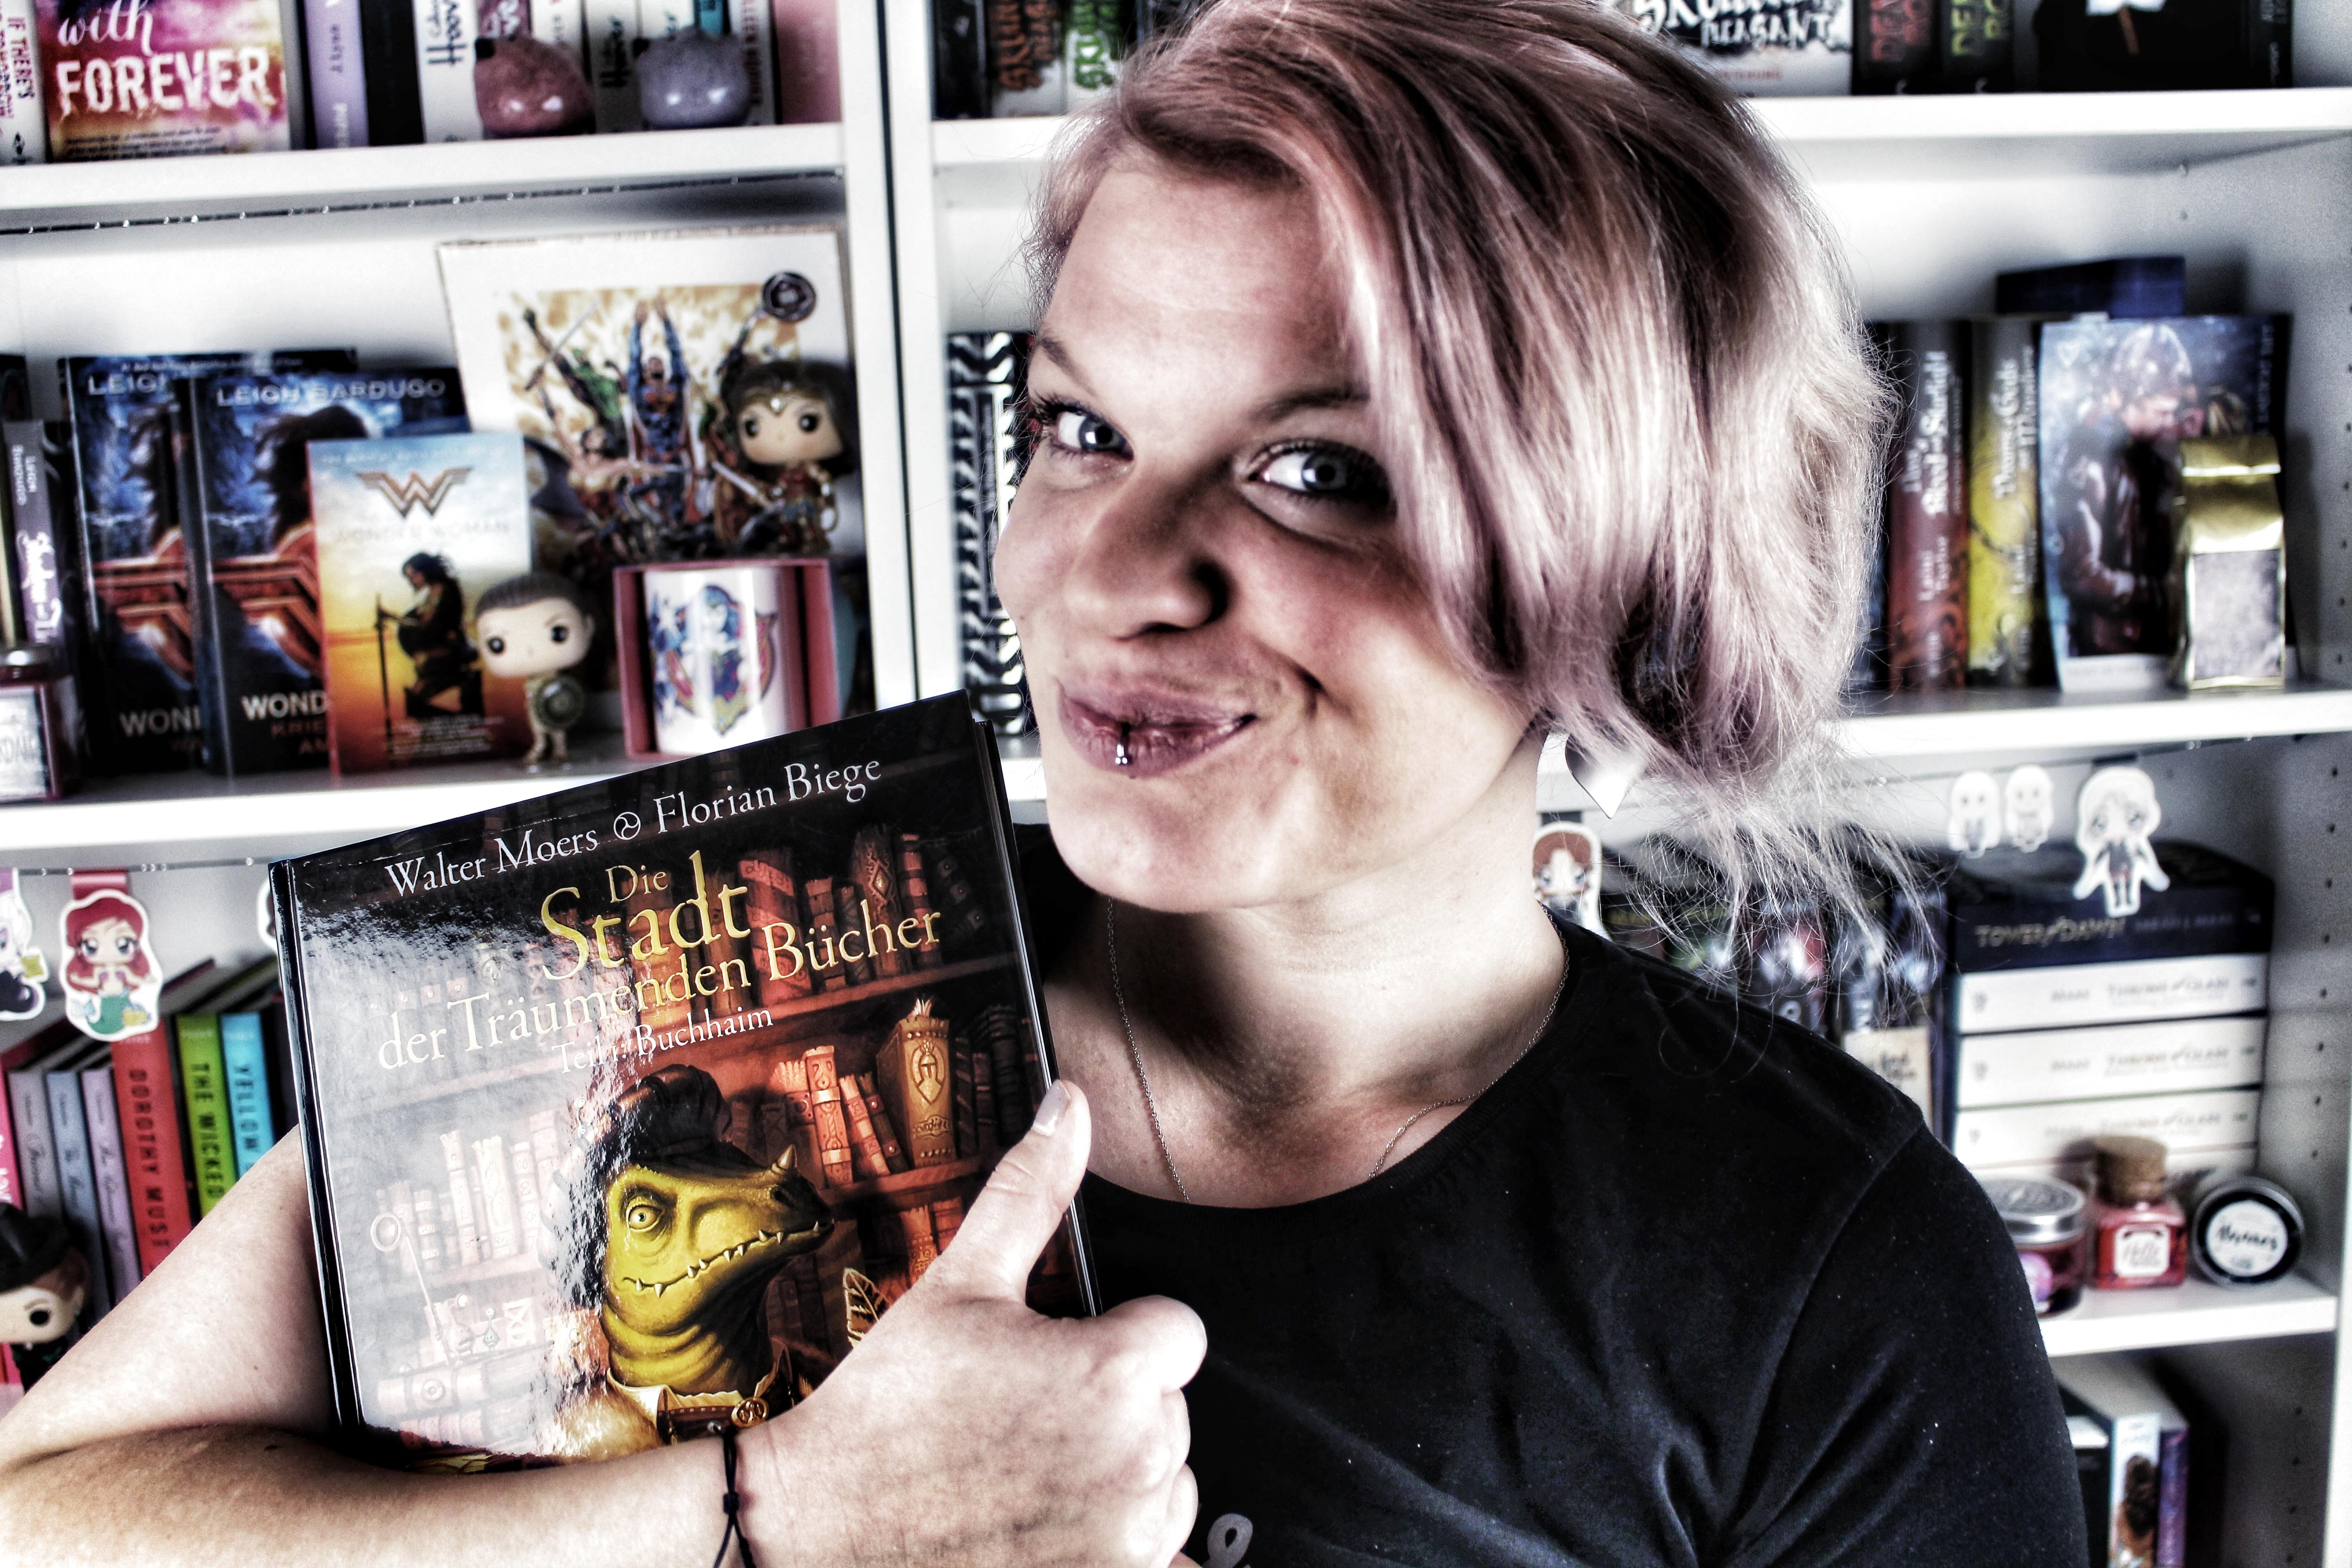 Rezension: Die Stadt der träumenden Bücher 1. Buchhaim [Graphic Novel] von Walter Moers | 5 Gründe zum Buch zu greifen